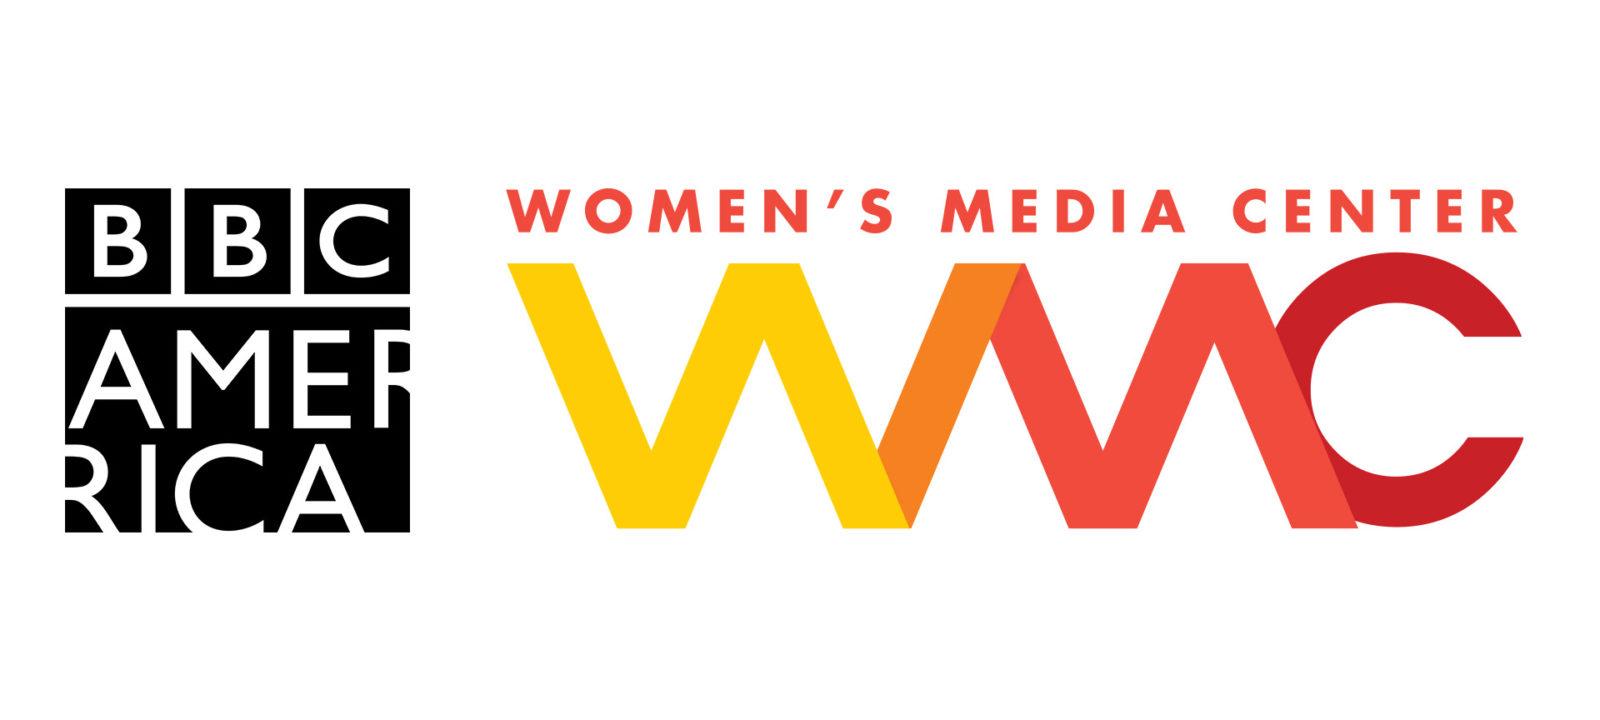 BBCA Womens Media Center